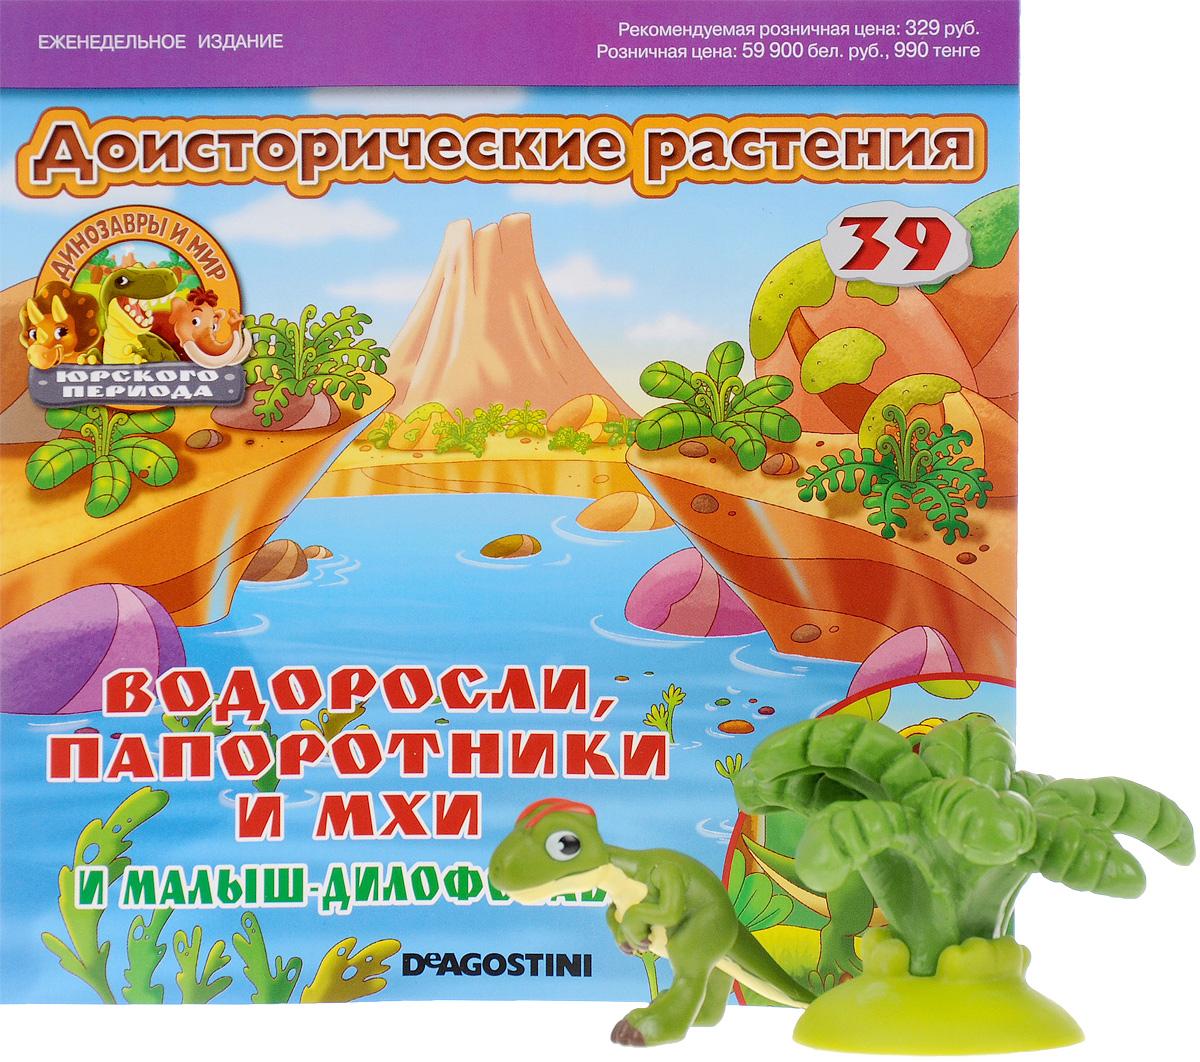 Журнал Динозавры и мир Юрского периода №39 игрушка для животных каскад удочка с микки маусом 47 см